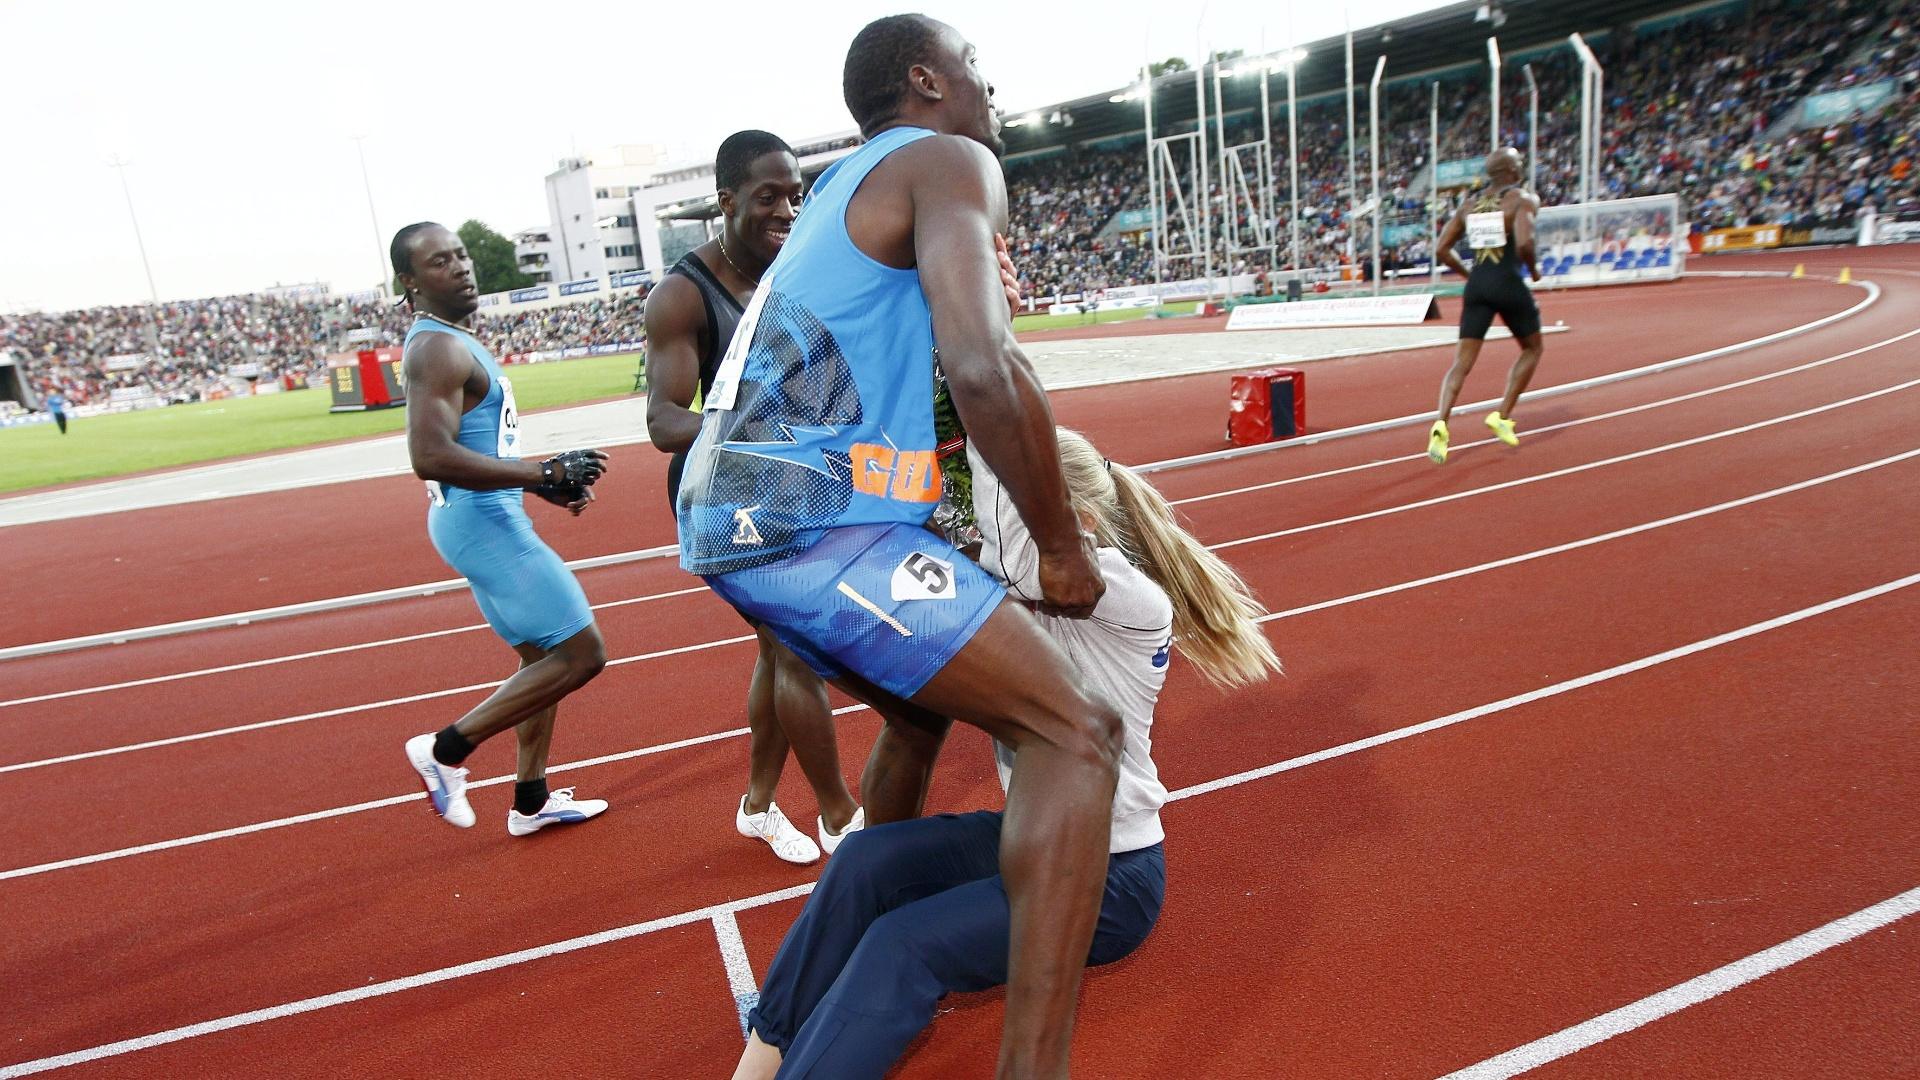 O jamaicano Usain Bolt se choca com mulher após cruzar a linha de chegada nesta quinta-feira em Oslo, na Noruega